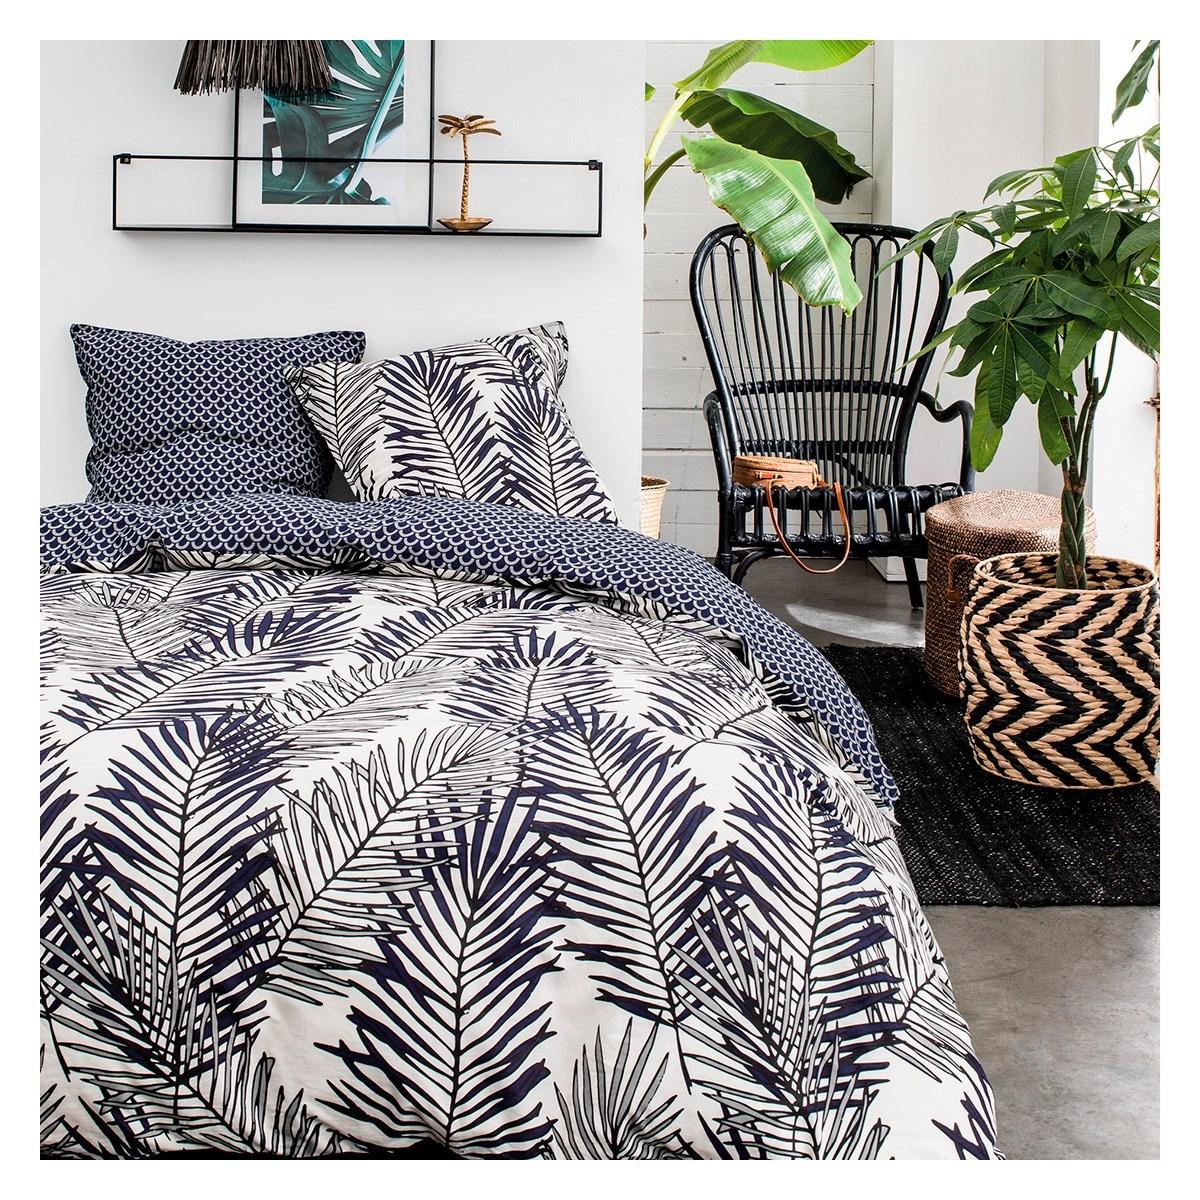 Parure de lit zippée 2 personnes imprimé en Coton Noir 240x260 cm